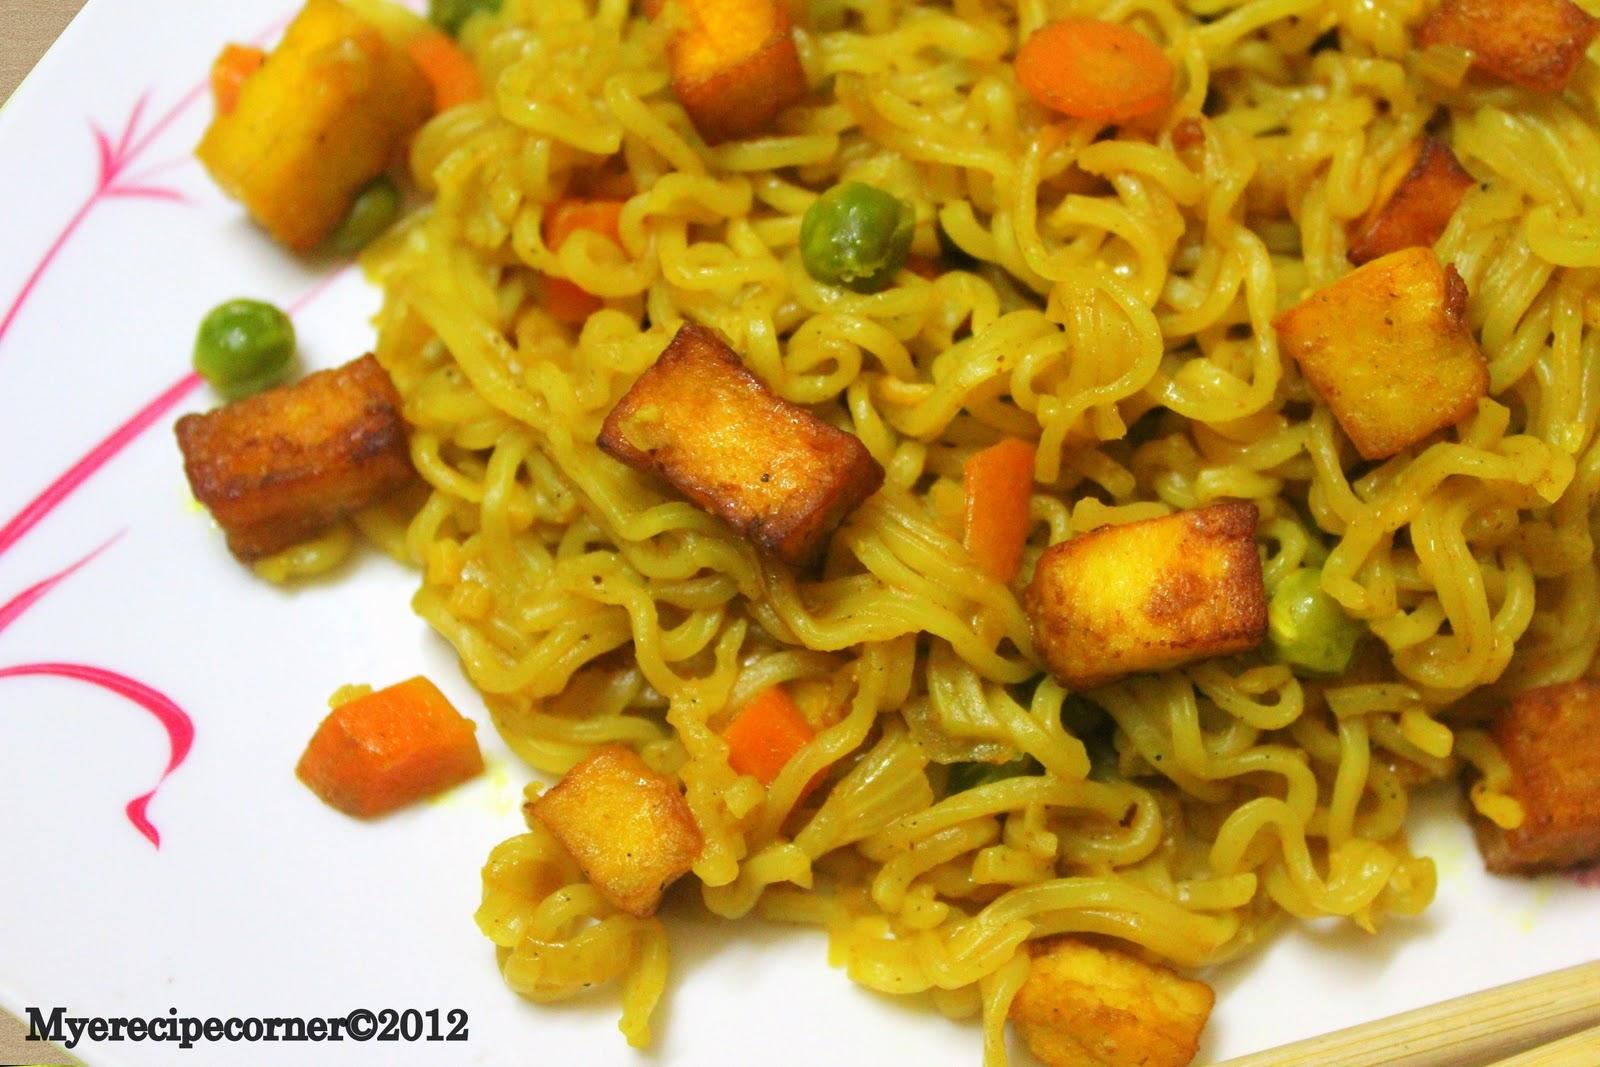 maggi noodles Find great deals on ebay for maggi noodles and maggie noodles shop with confidence.